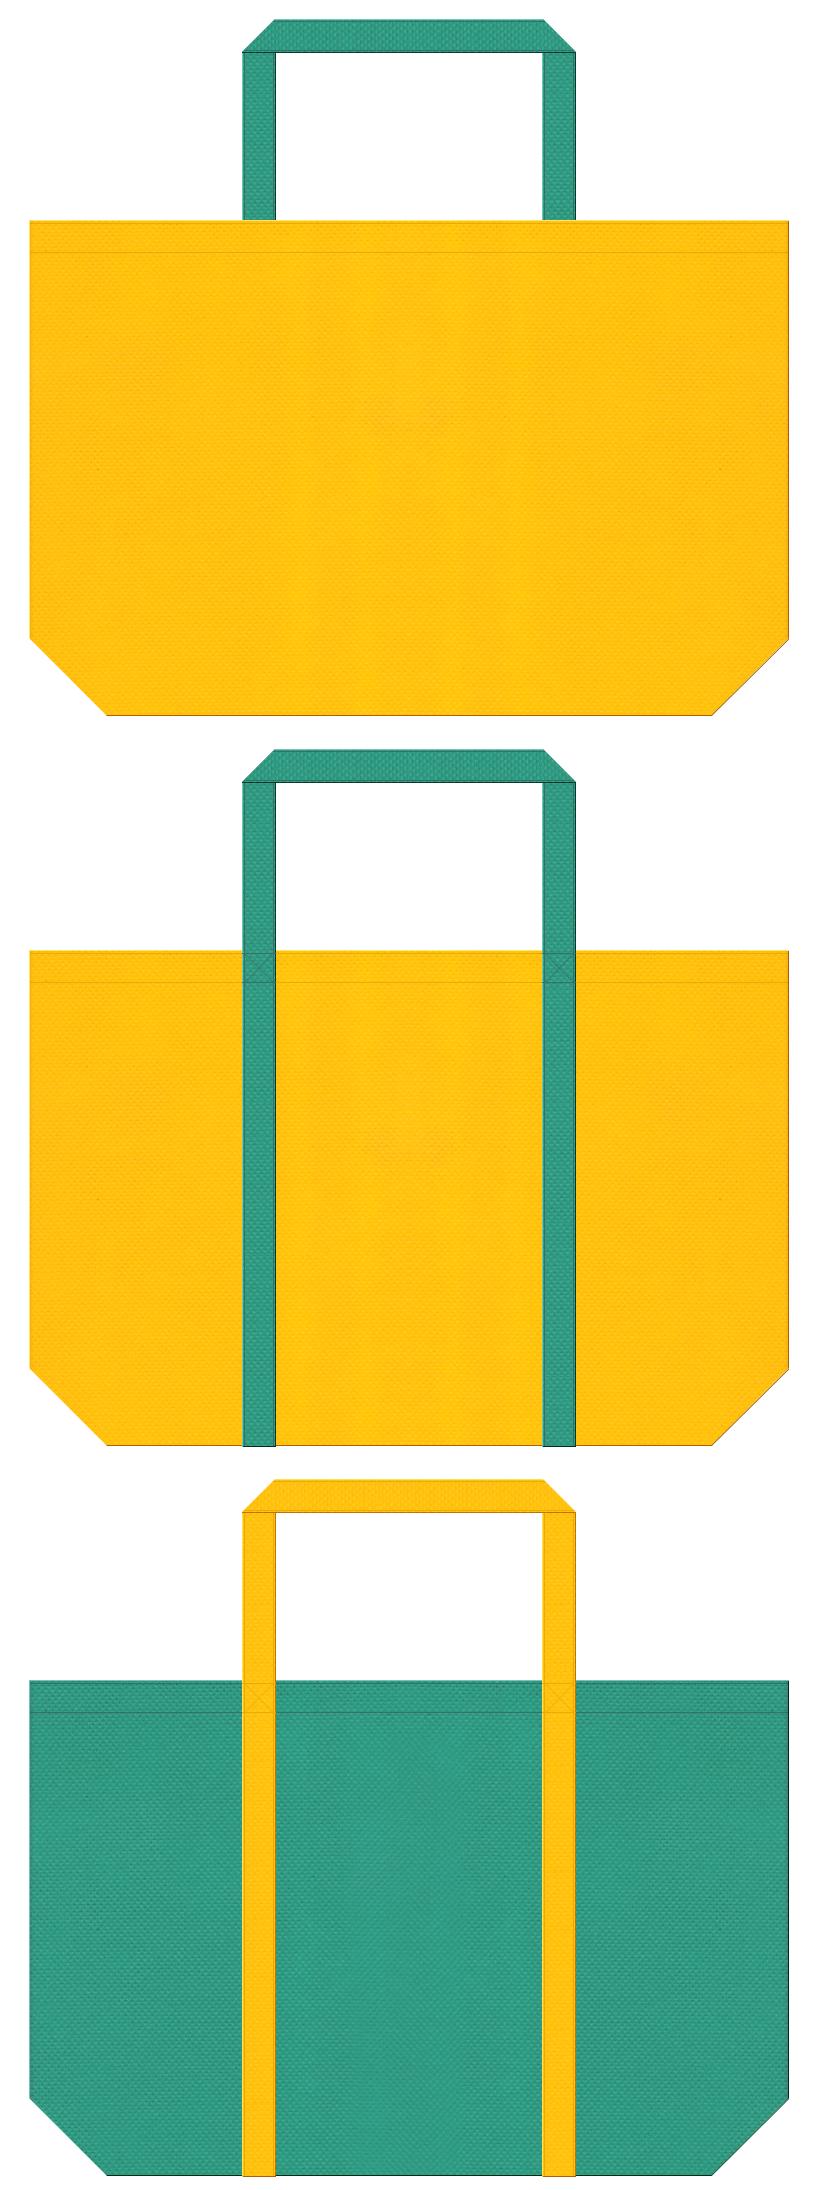 絵本・おとぎ話・おもちゃ・ゲーム・テーマパーク・信号機・交通安全・レッスンバッグ・通園バッグ・キッズイベントのノベルティにお奨めの不織布バッグデザイン:黄色と青緑色のコーデ